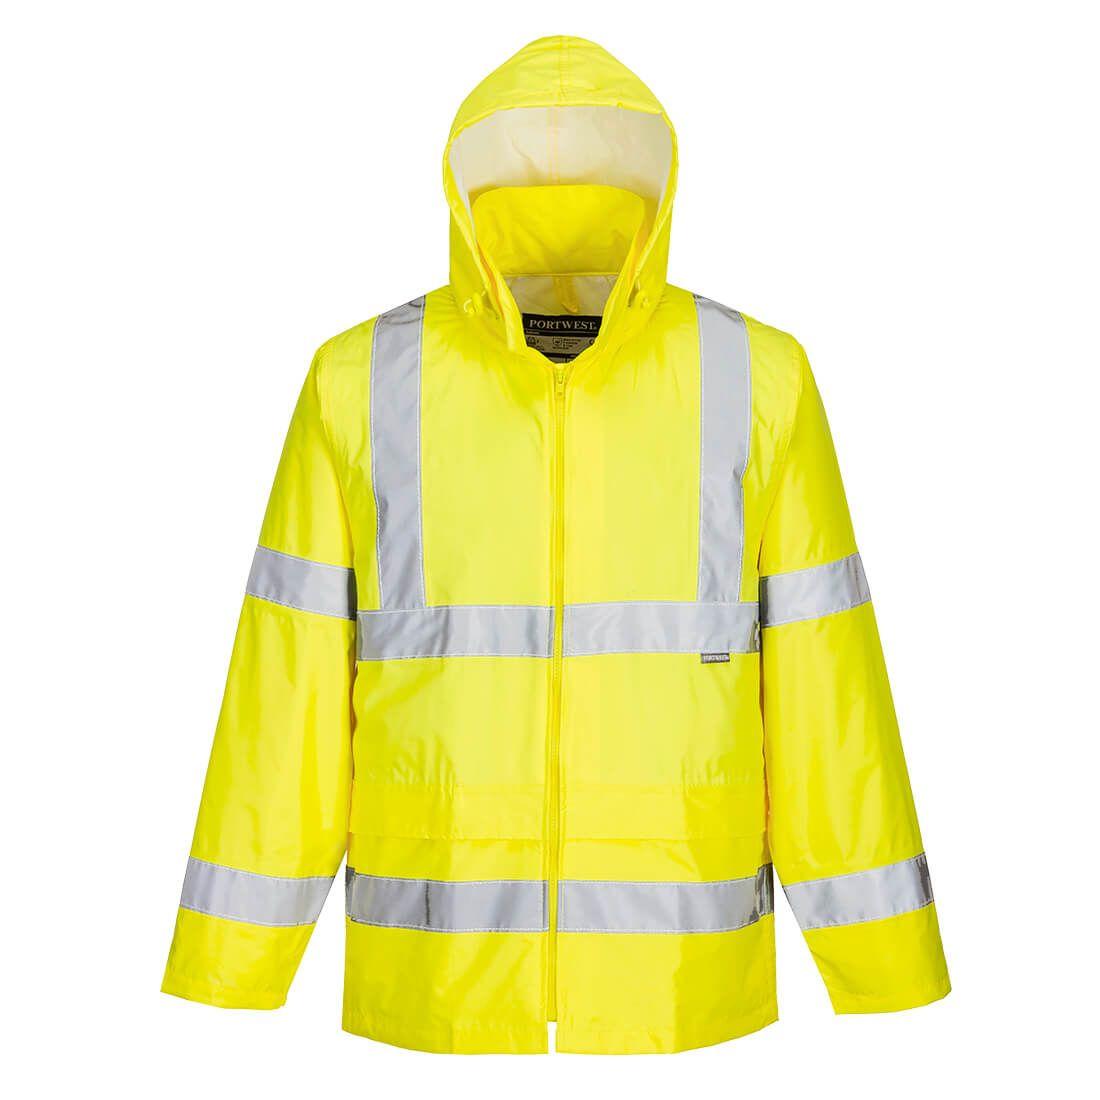 Uomo: Abbigliamento Altro Abbigliamento Uomo Impermeabile Alta Visibilità Emergenza Sanitaria